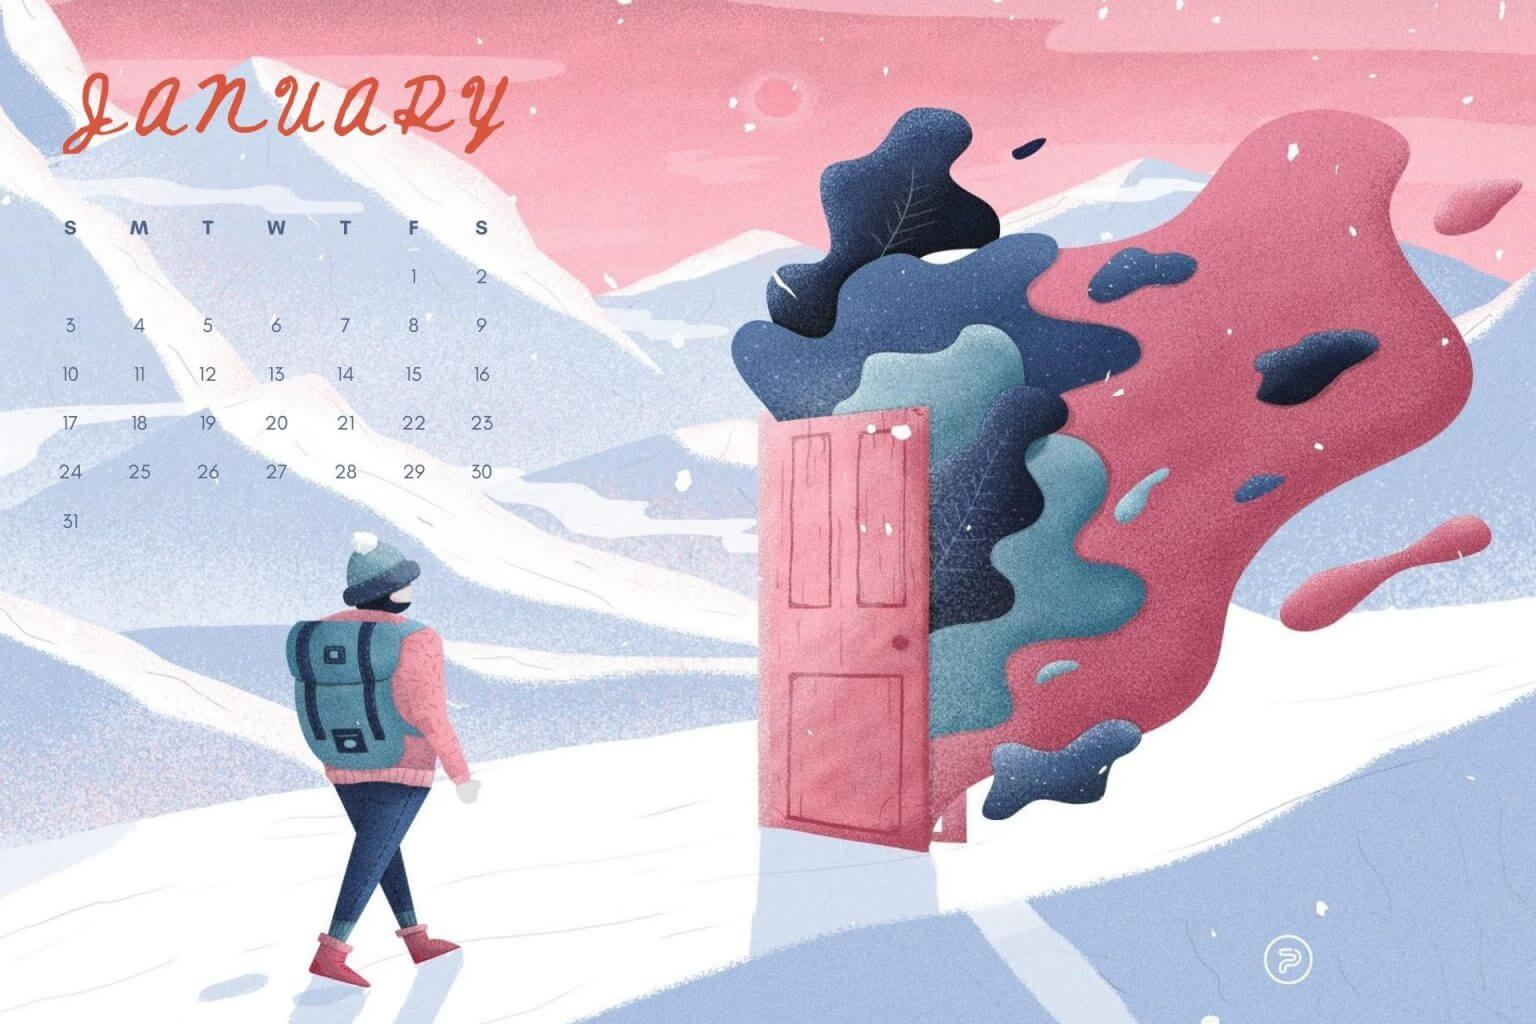 January 2021 Calendar Wallpaper For Desktop